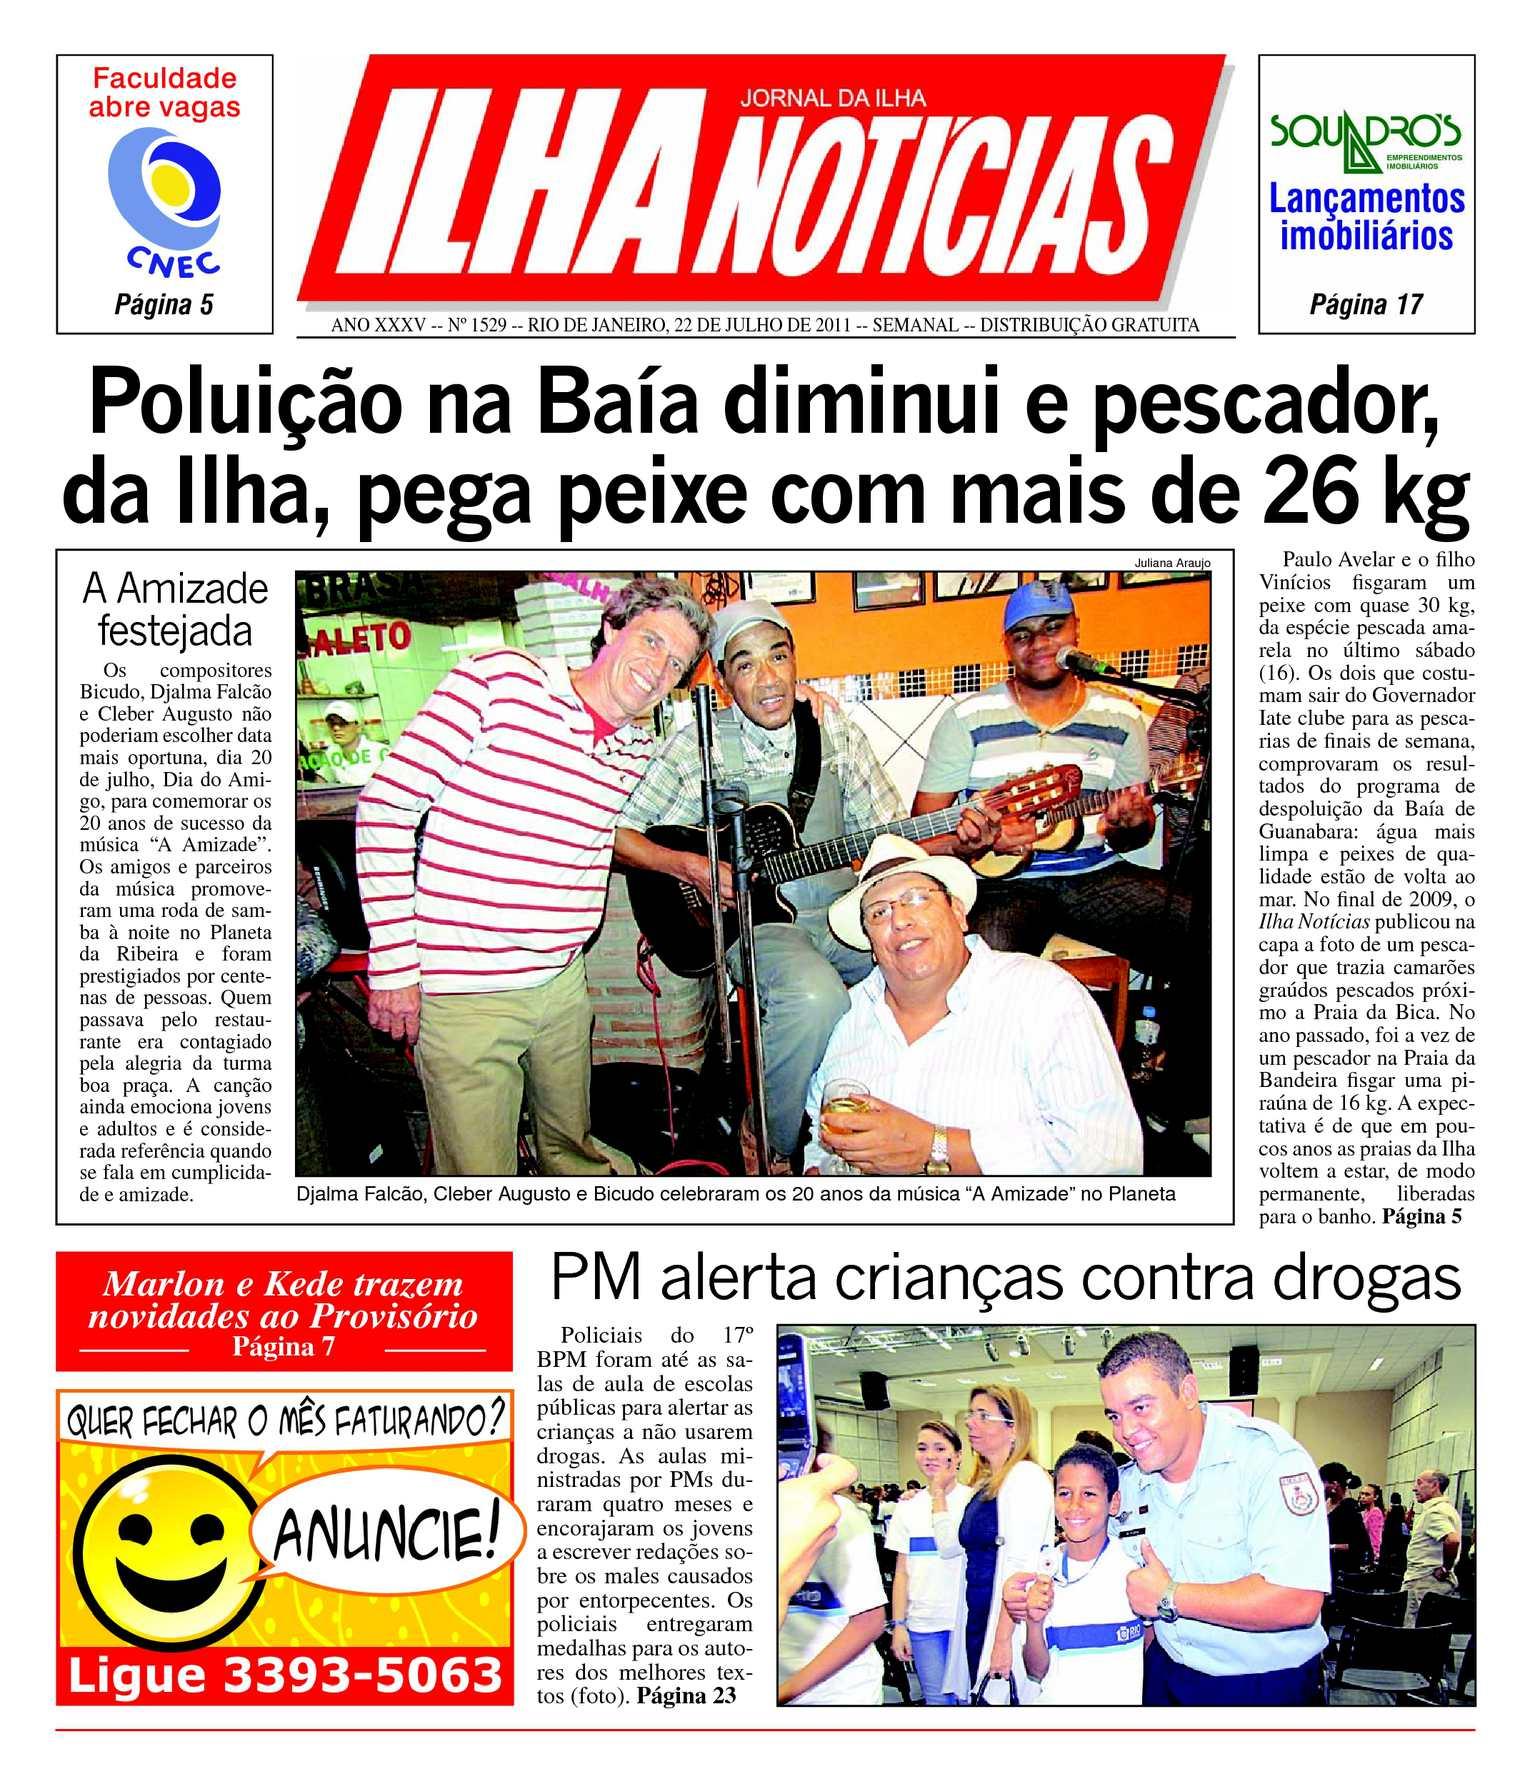 12e54239441 Calaméo - Jornal Ilha Notícias - Edição 1529 - 22 07 2011